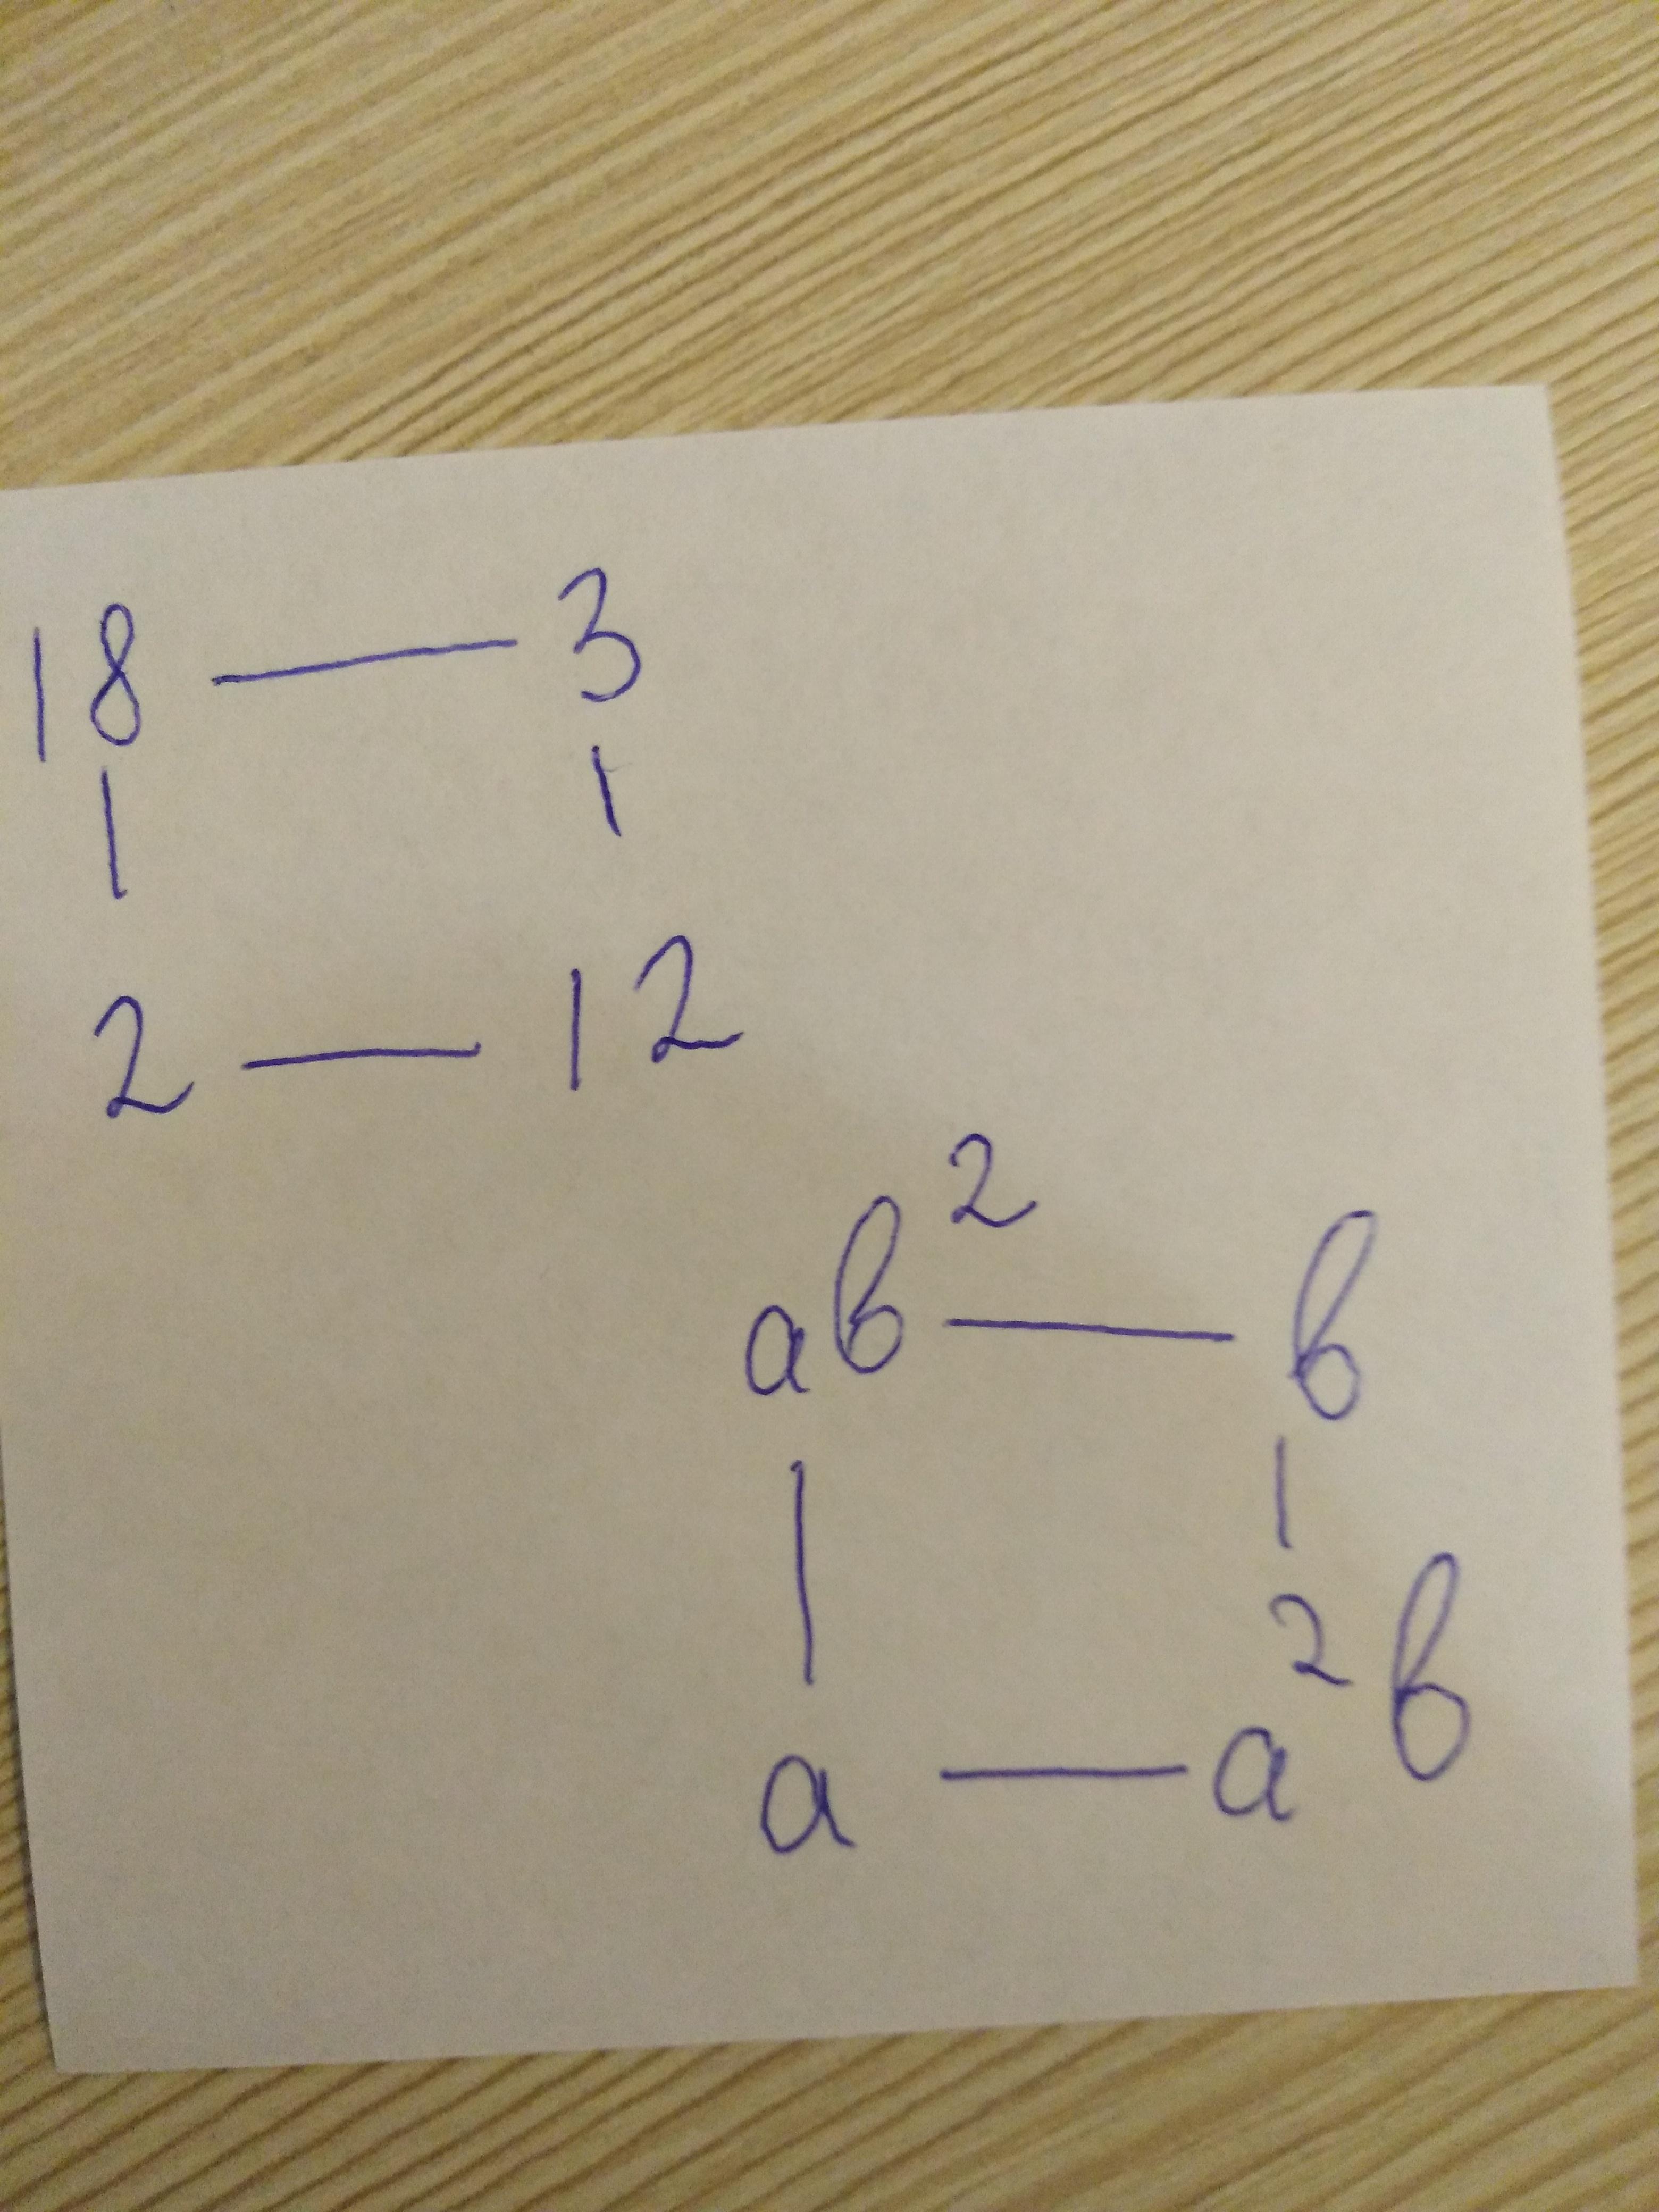 В вершинах квадрата расставлены натуральные числа.